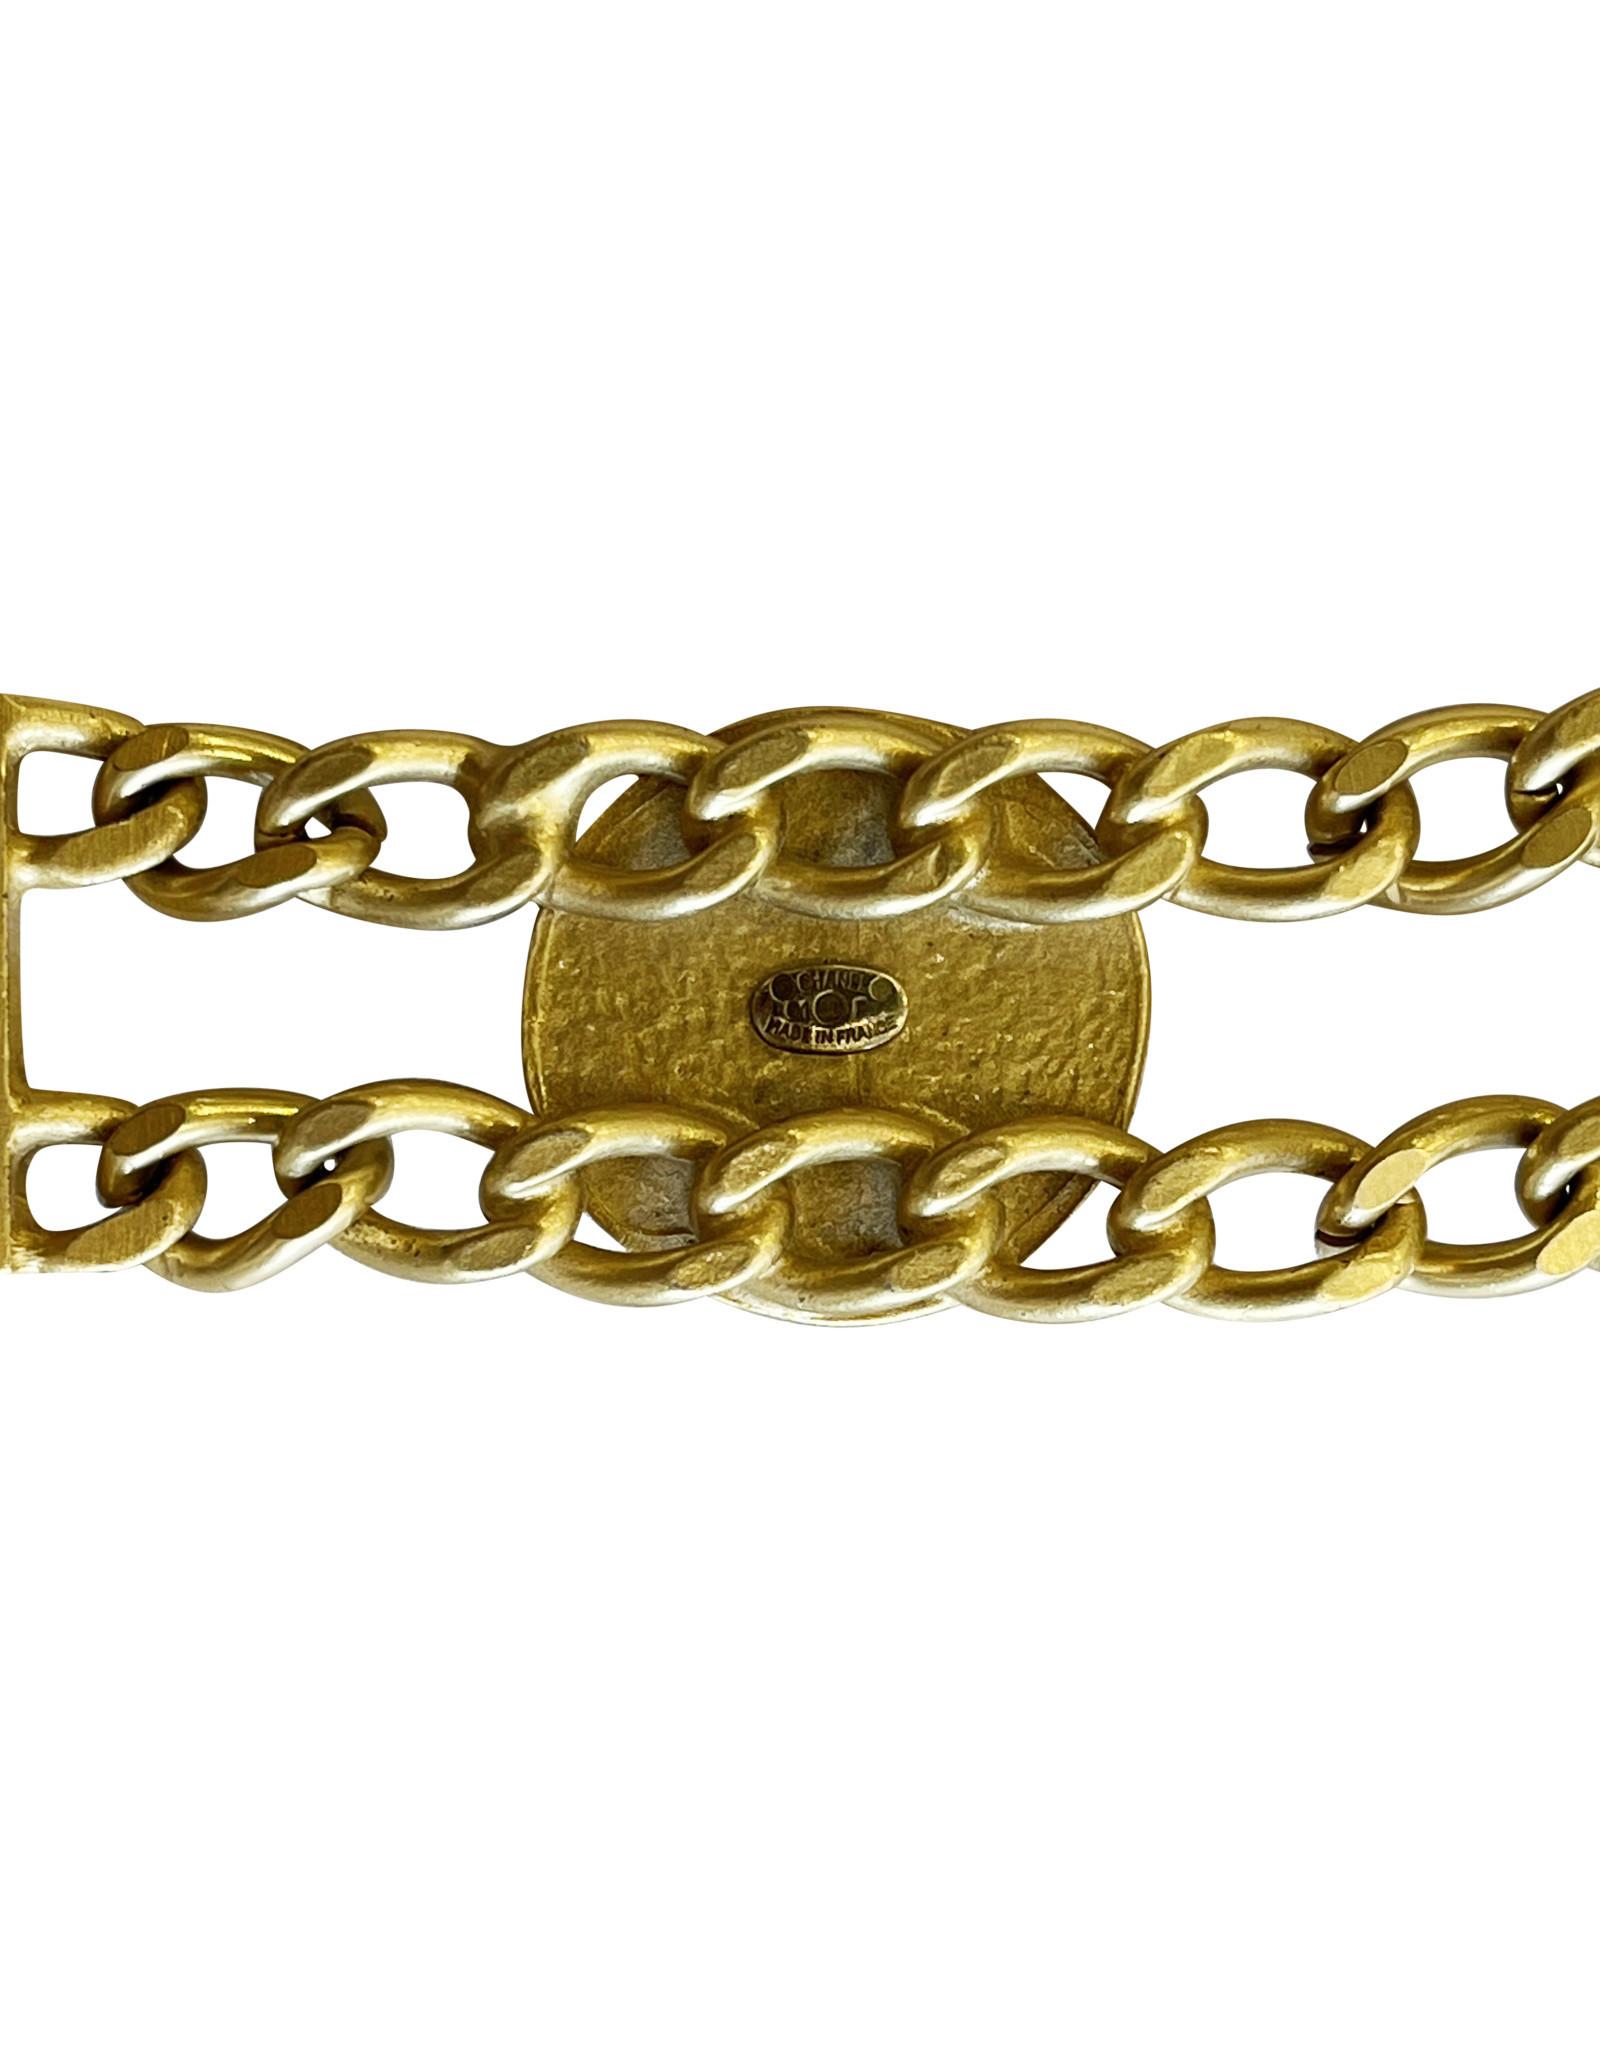 Wyld Blue Vintage Chanel Black & Gold Charm Bracelet